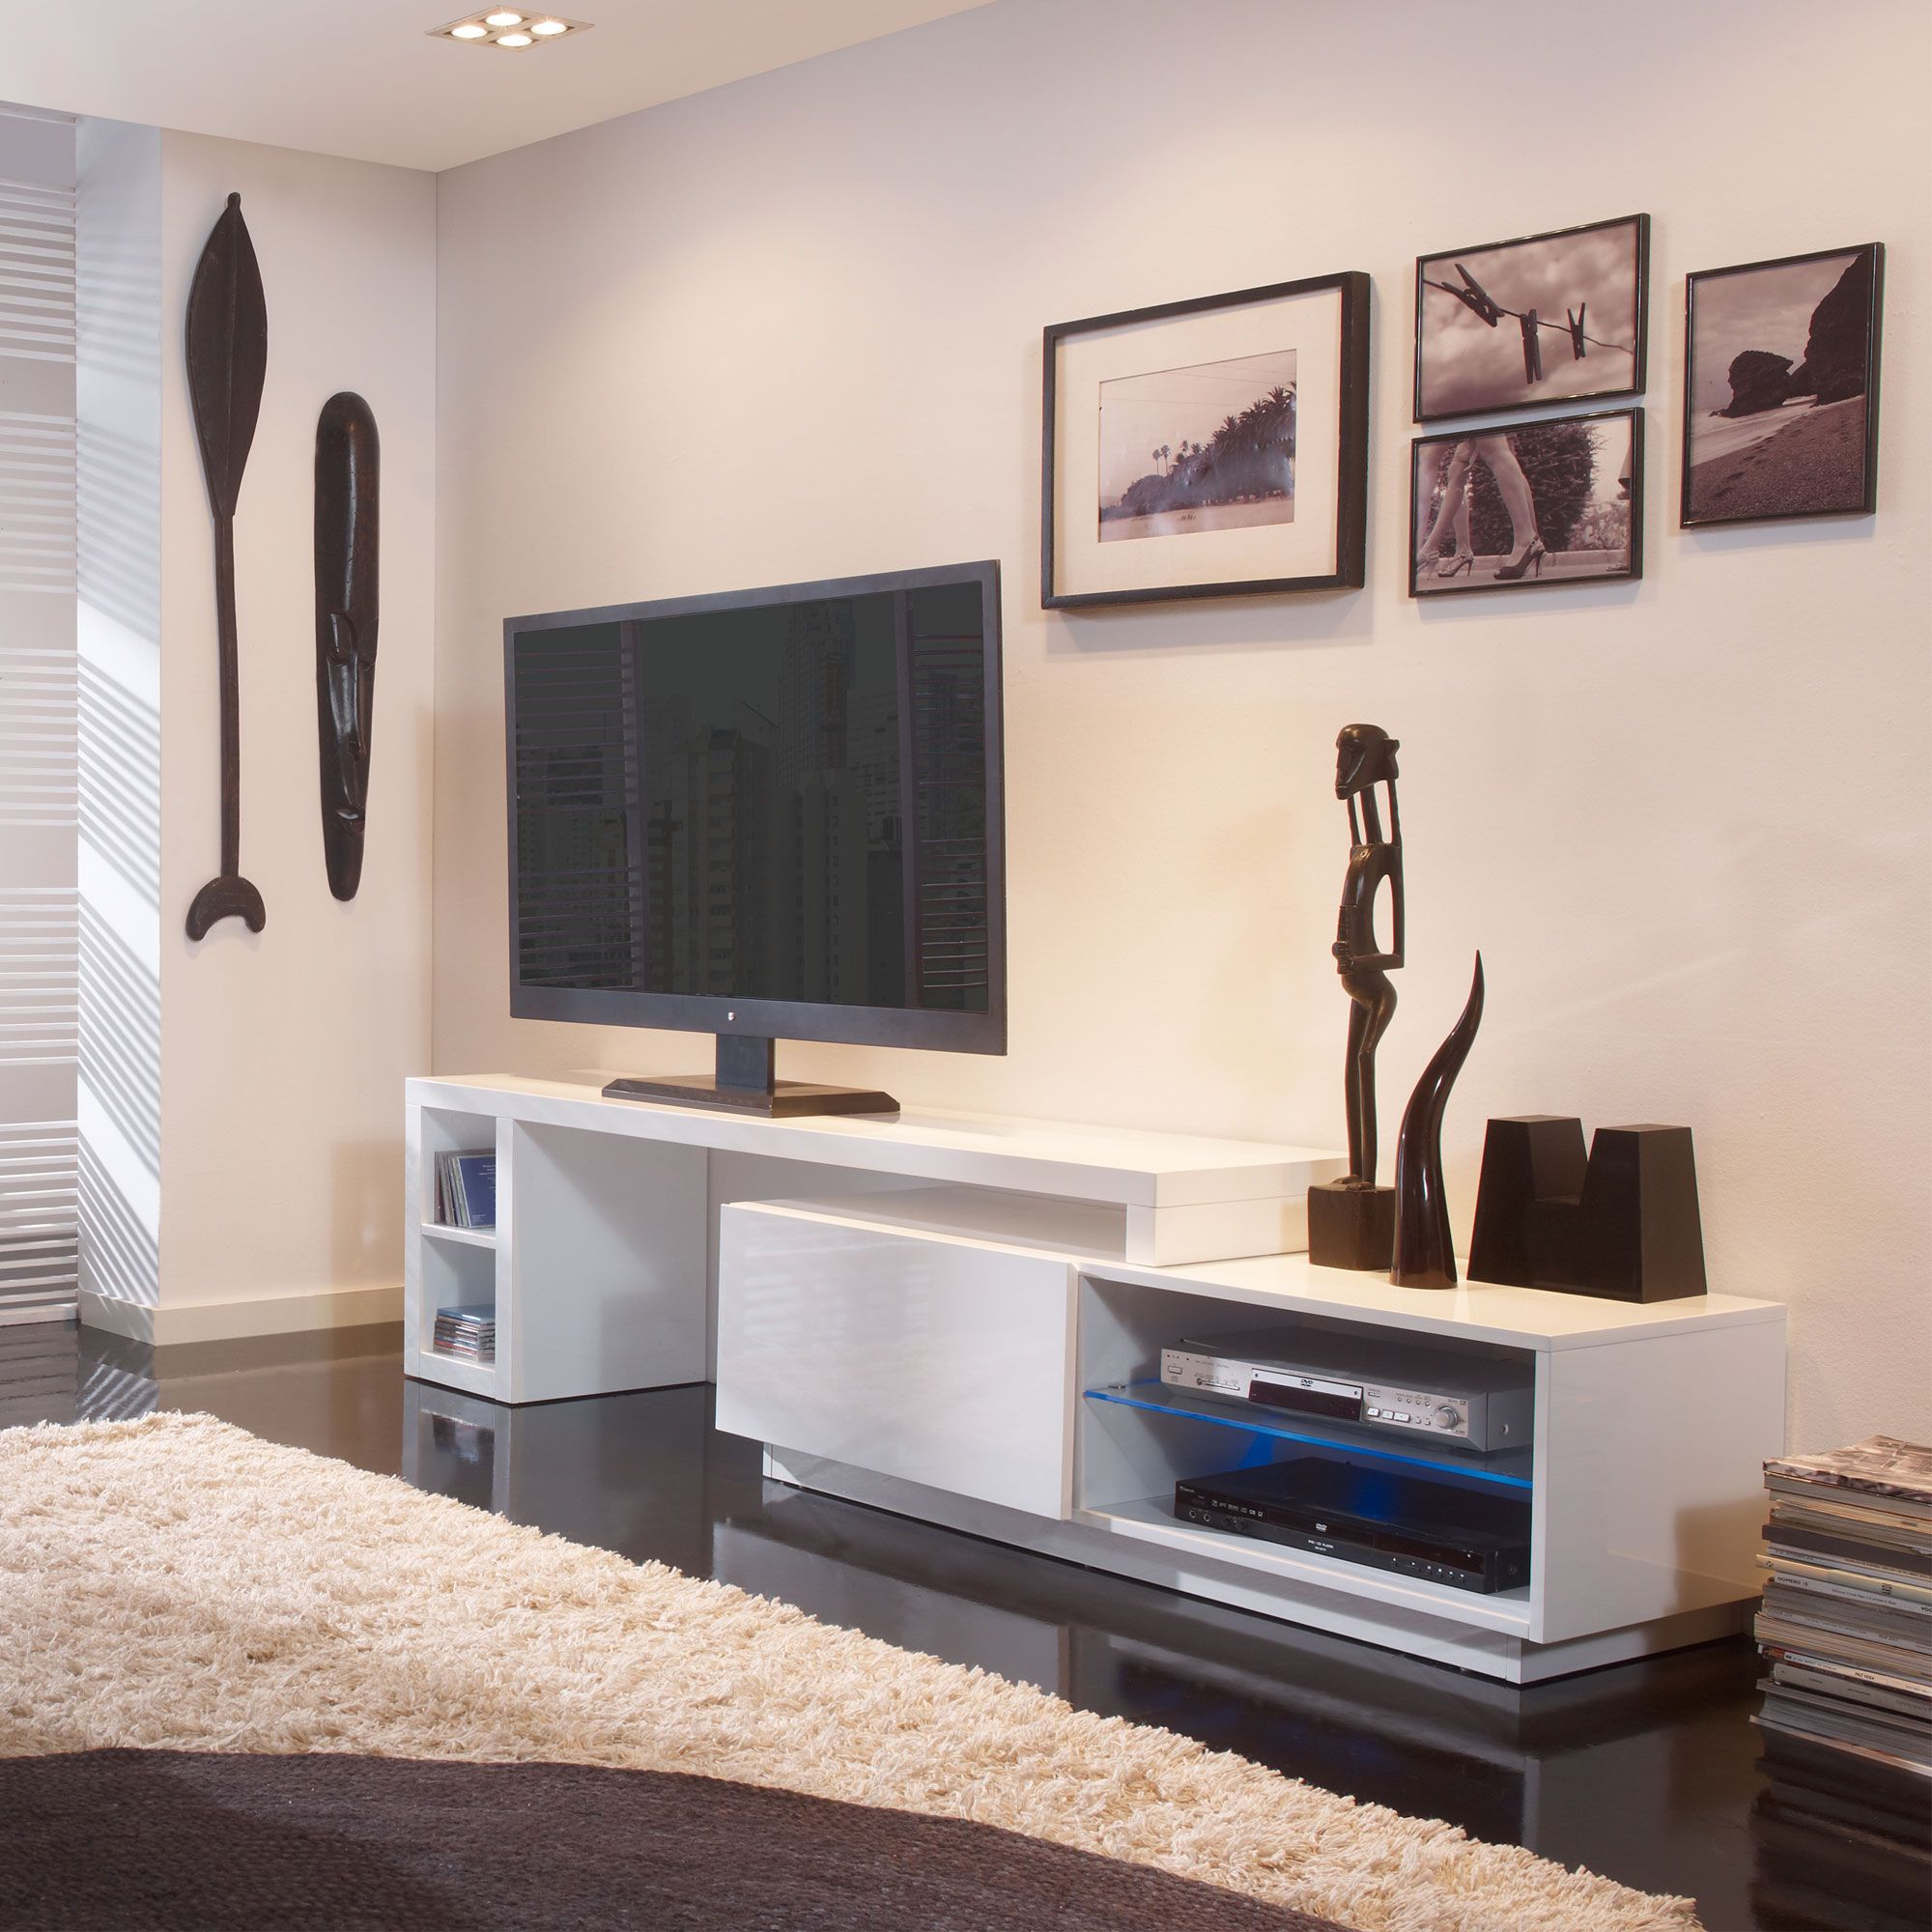 meuble tv bas extensible en bois laqué avec led longueur 160/286cm ... - Meuble Bas Design Laque